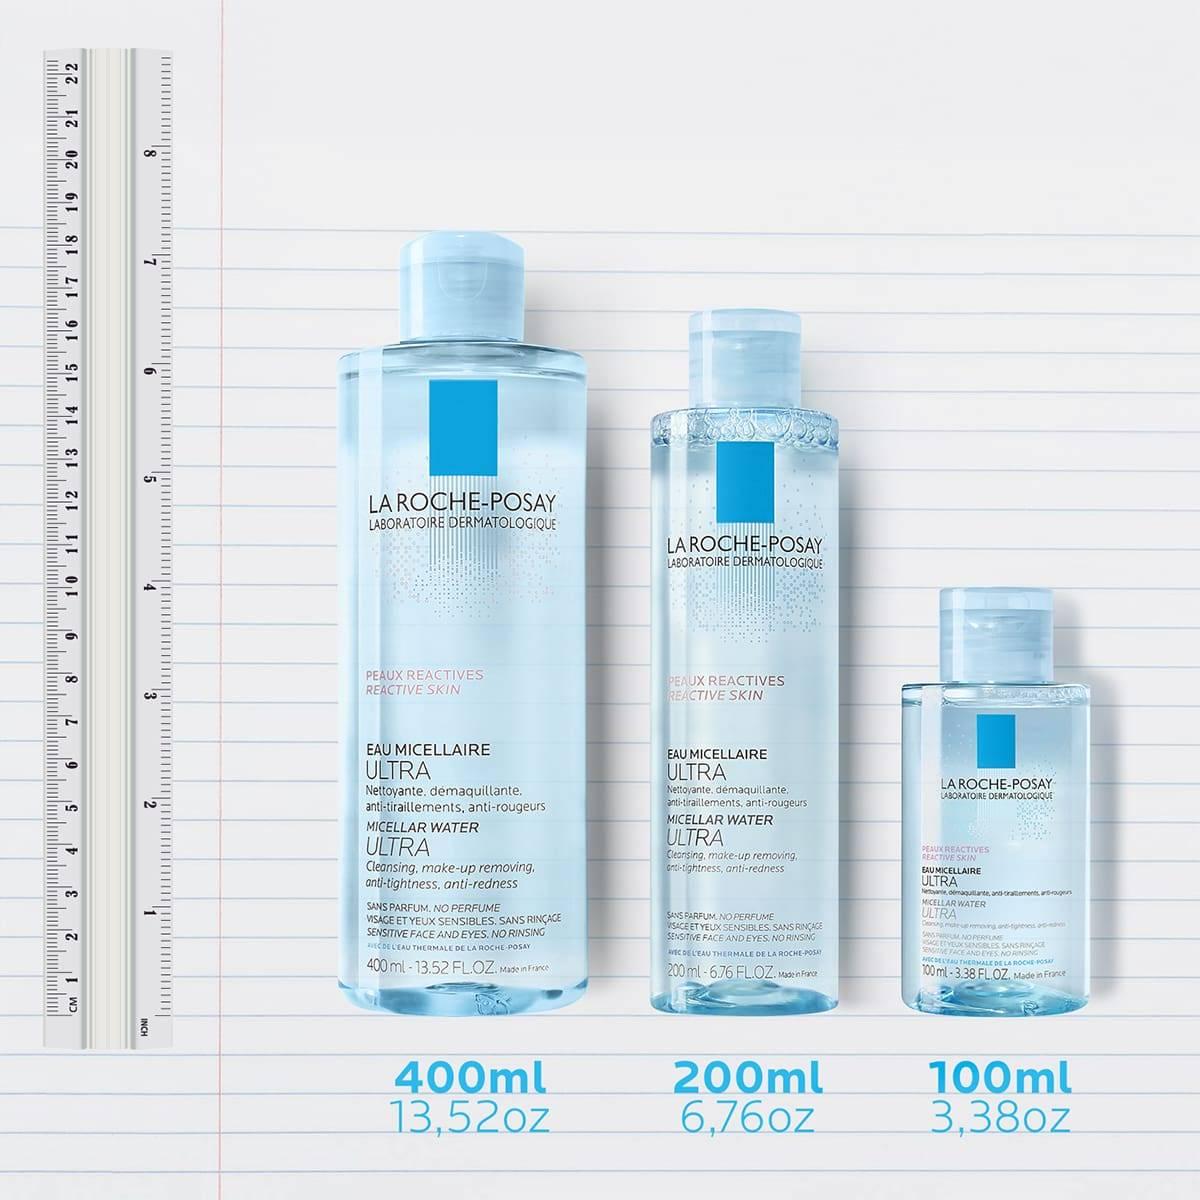 La Roche Posay Tuotesivu Micellar Water Ultra Family 3337875528108 3